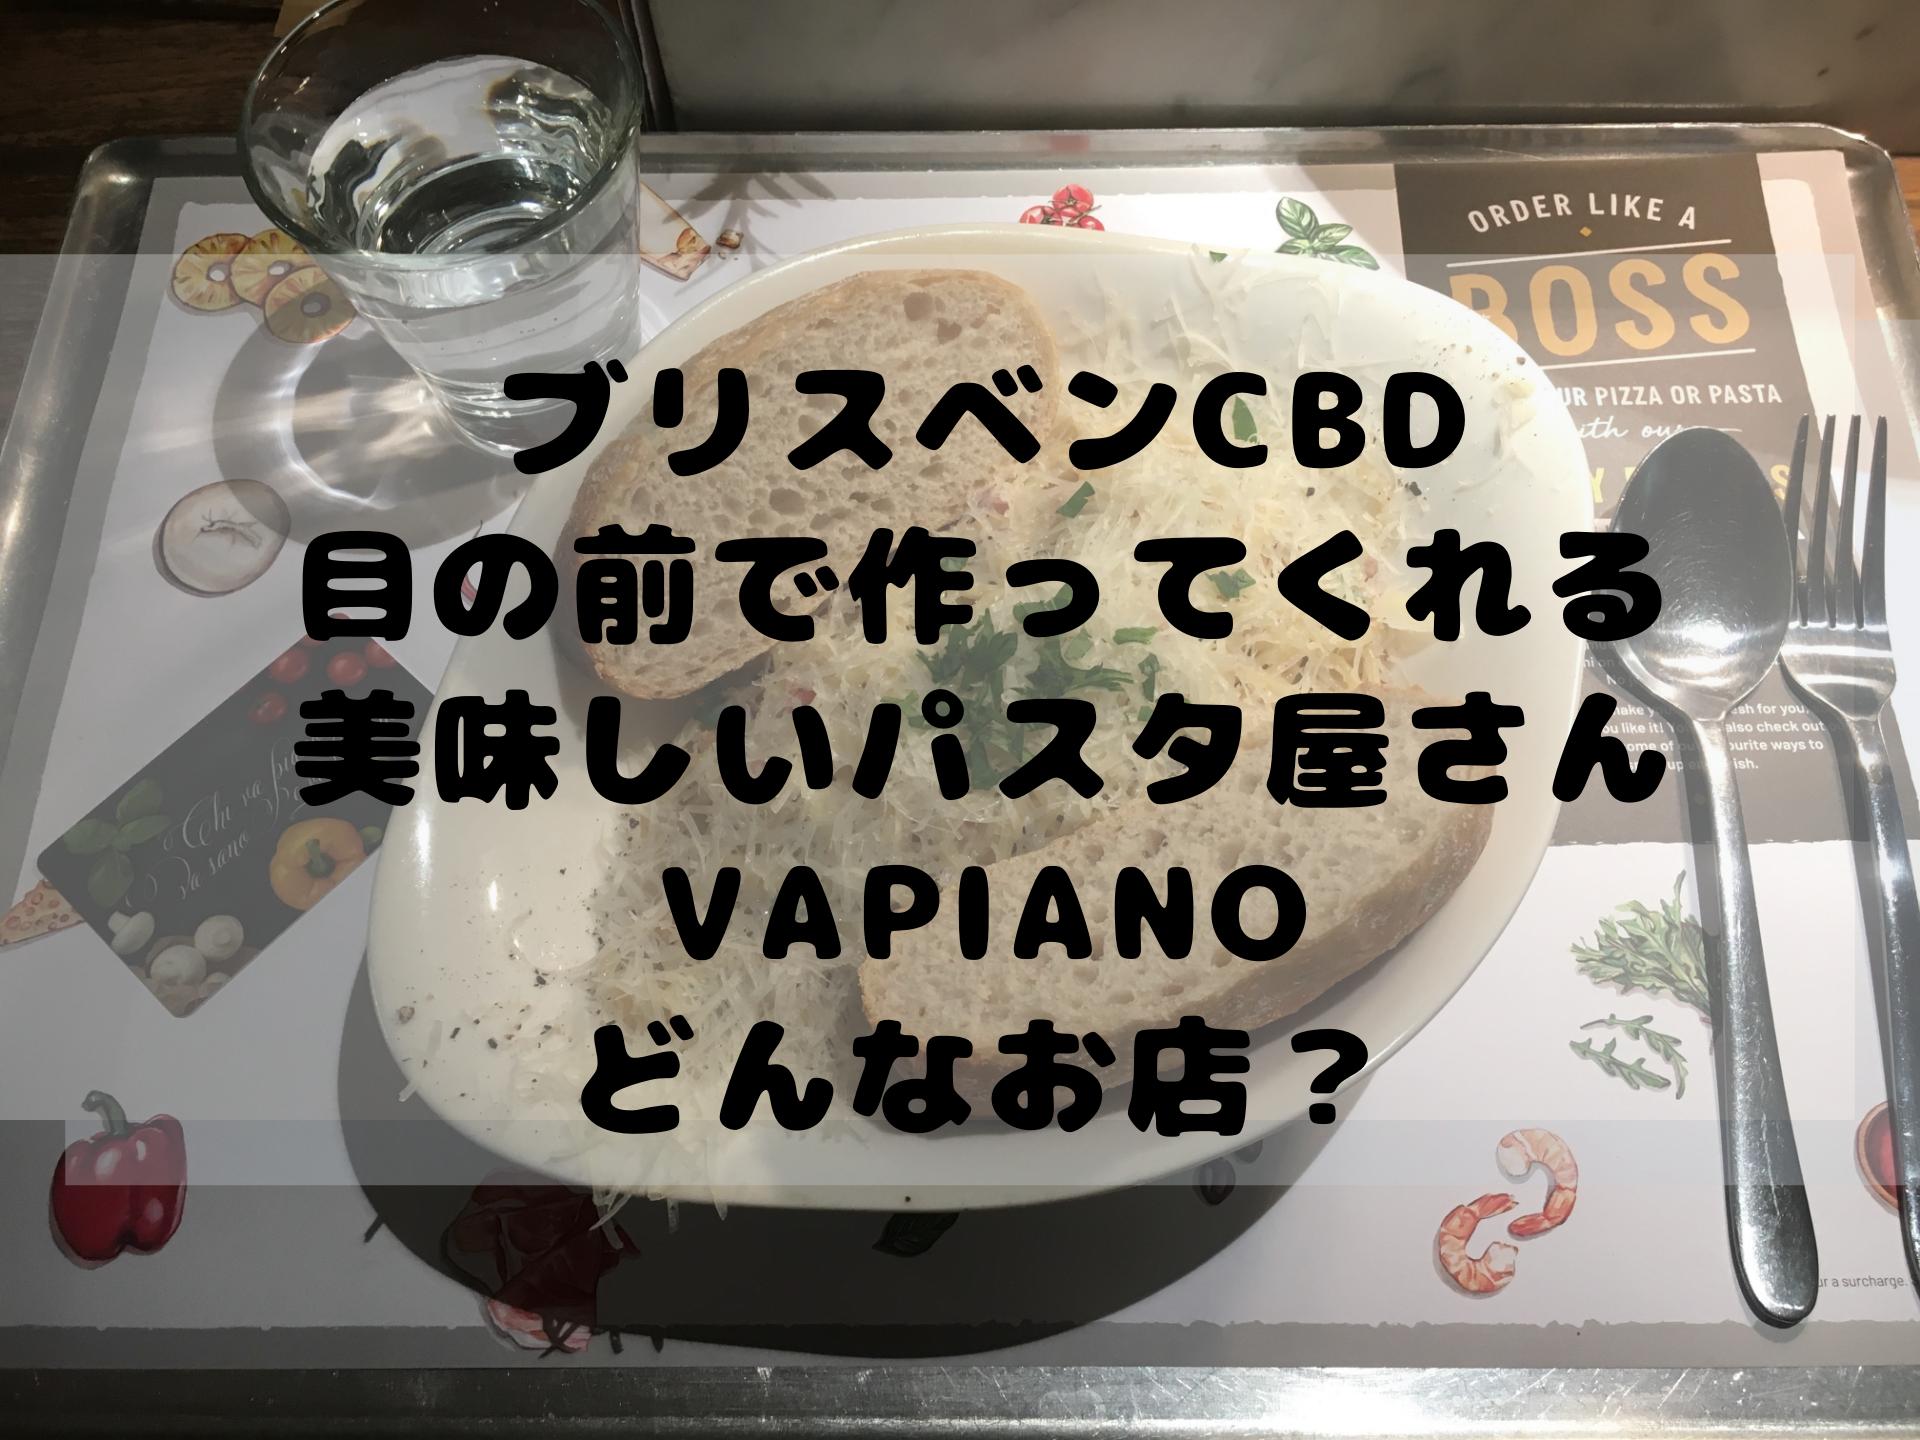 ブリスベンCBD 目の前で作ってくれる 美味しいパスタ屋さん Vapiano どんなお店?